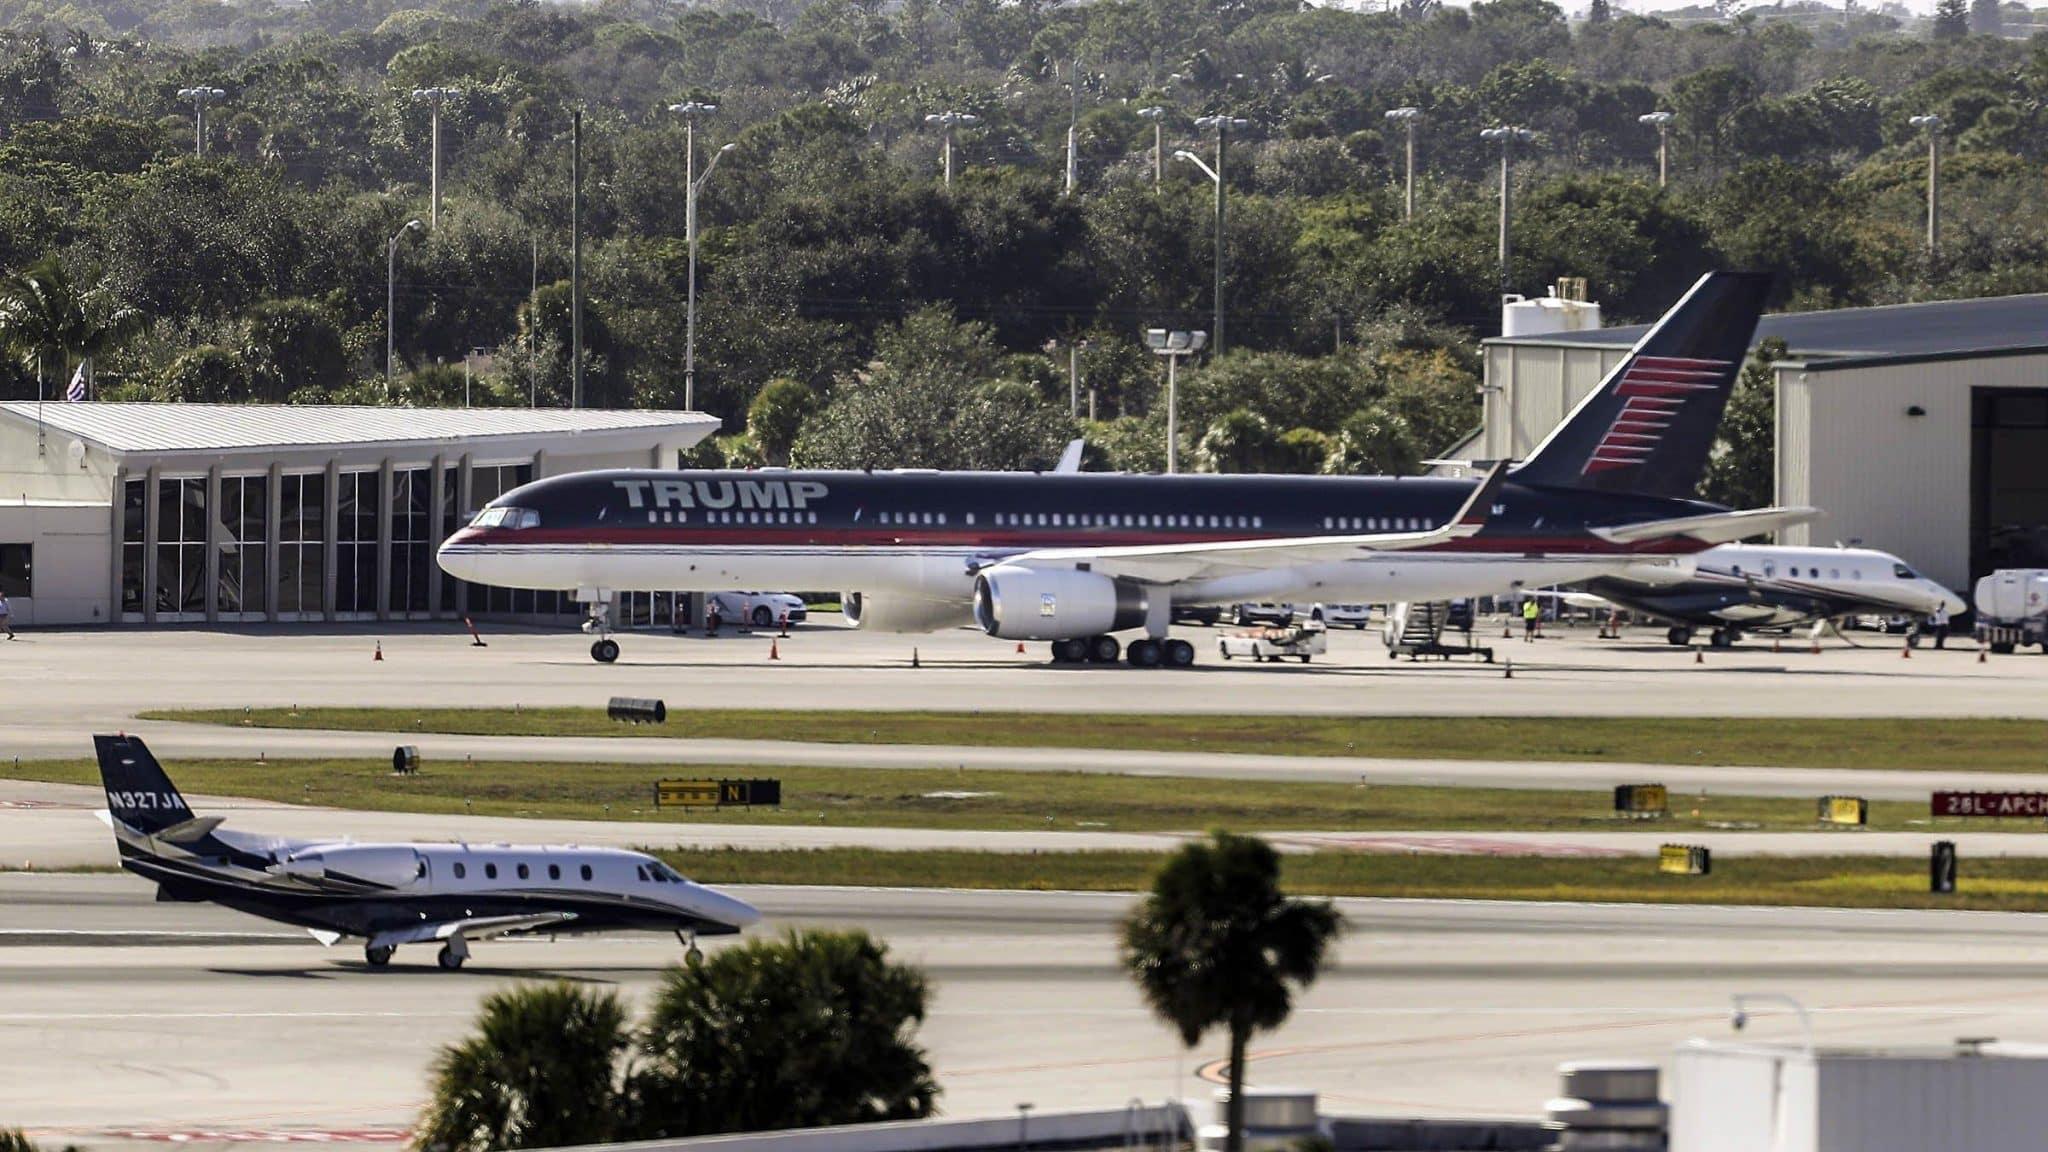 Florida ປະຕິເສດຄຳສະເໜີຕັ້ງຊື່ ທຣຳ ໃຫ້ກັບສະໜາມບິນ - AR 181229344 scaled - Florida ປະຕິເສດຄຳສະເໜີຕັ້ງຊື່ ທຣຳ ໃຫ້ກັບສະໜາມບິນ